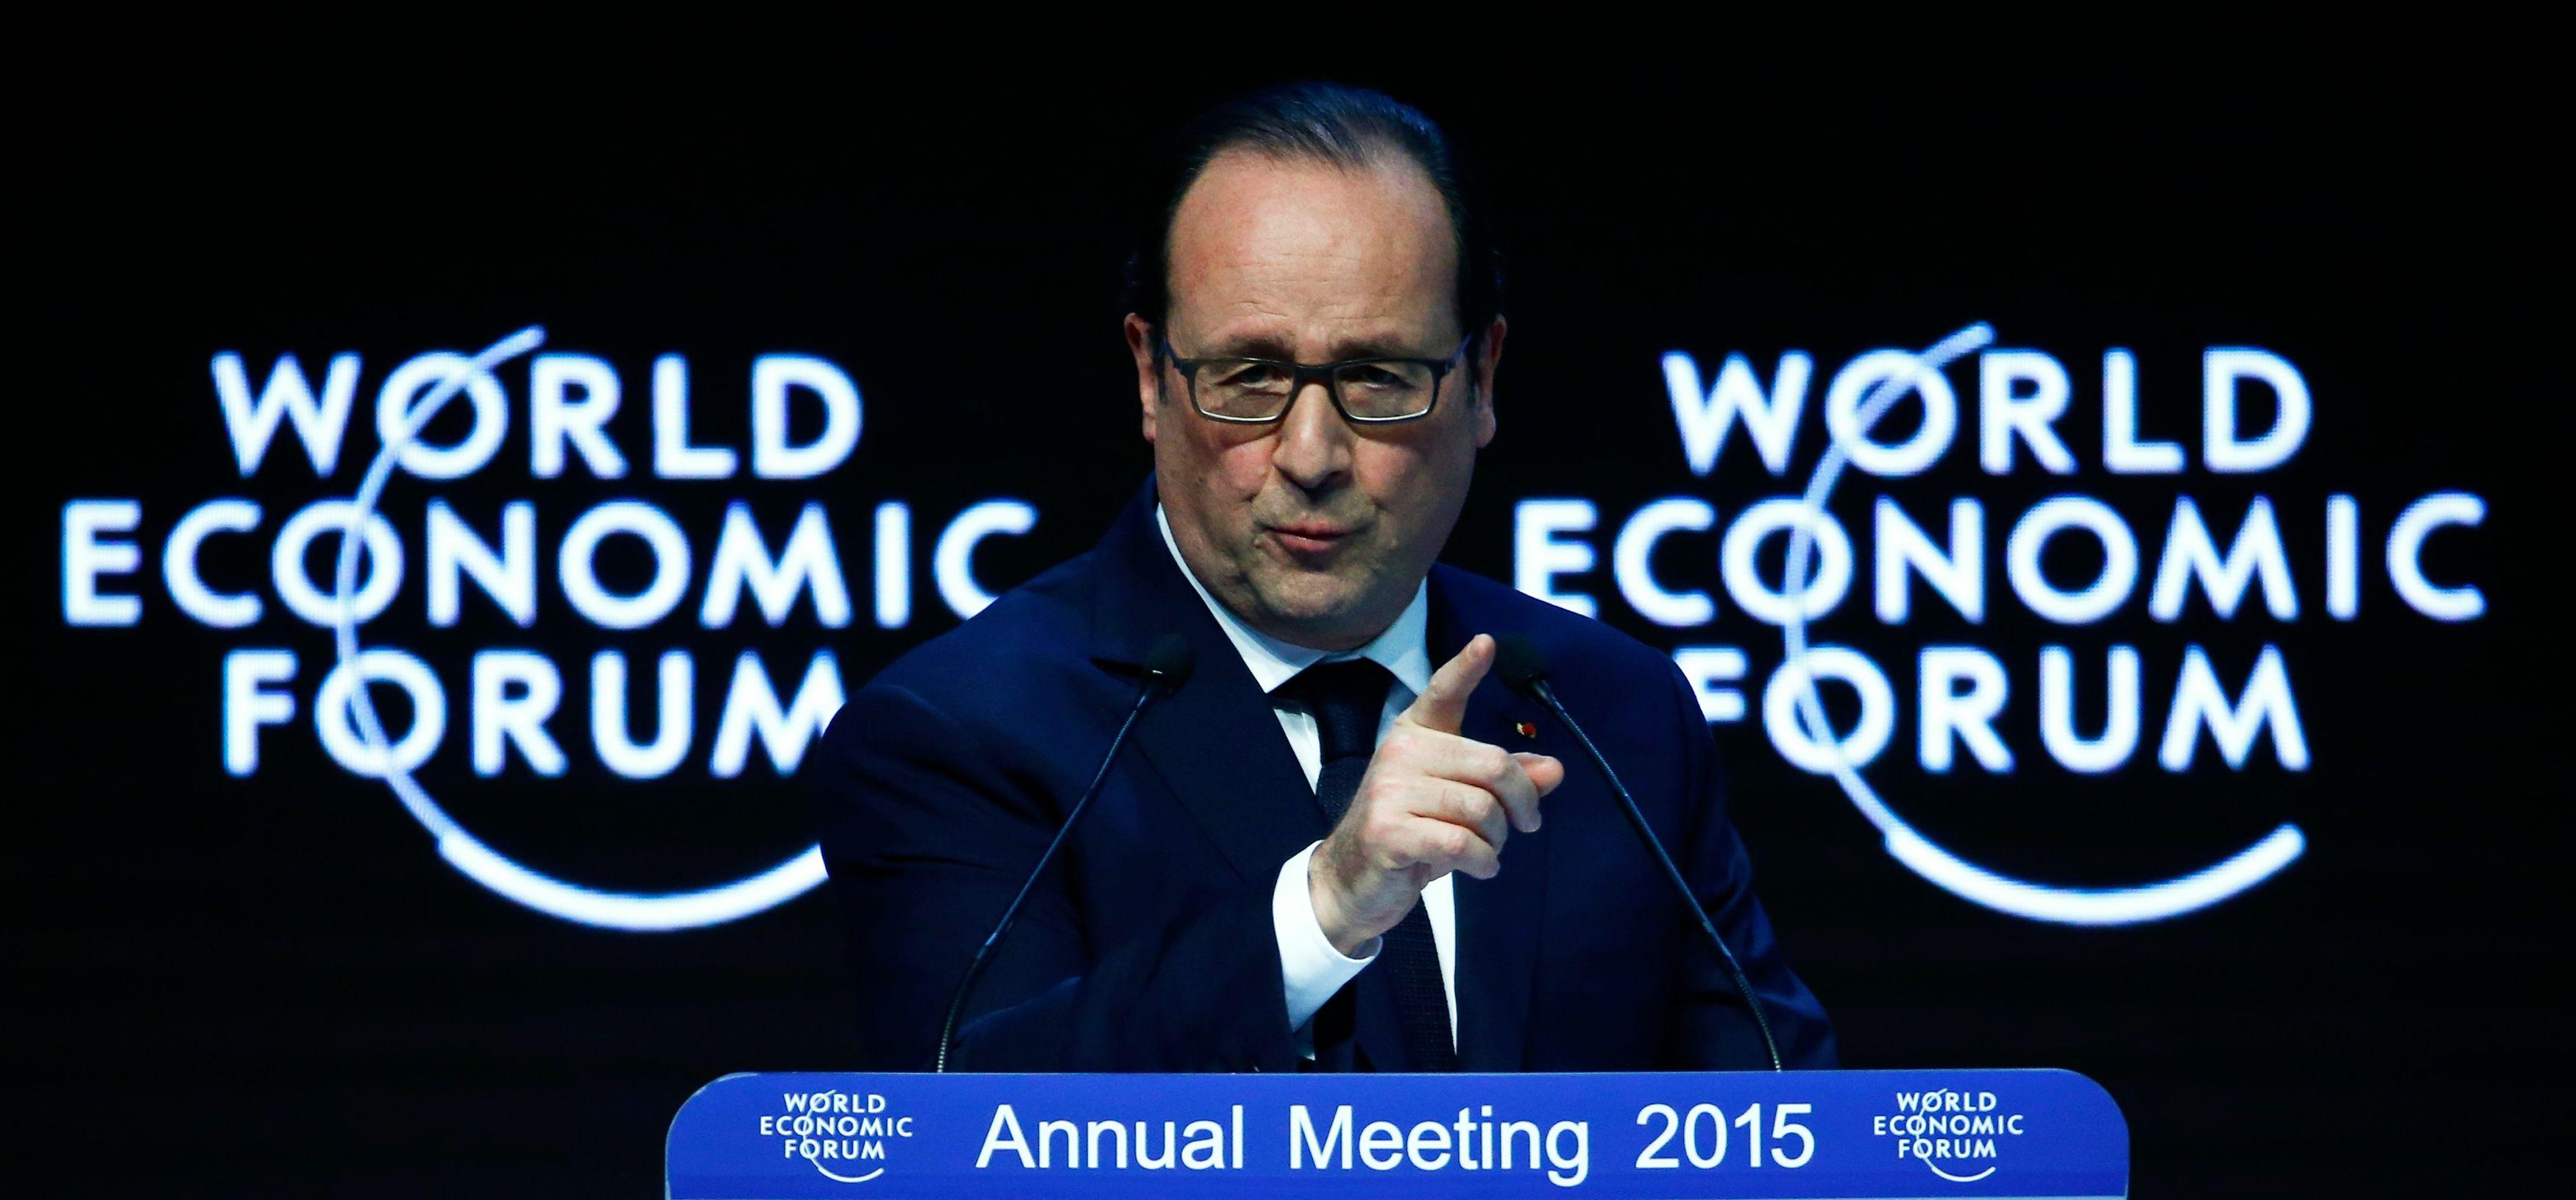 Le discours de François Hollande à Davos n'a pas été particulièrement bien accueilli.